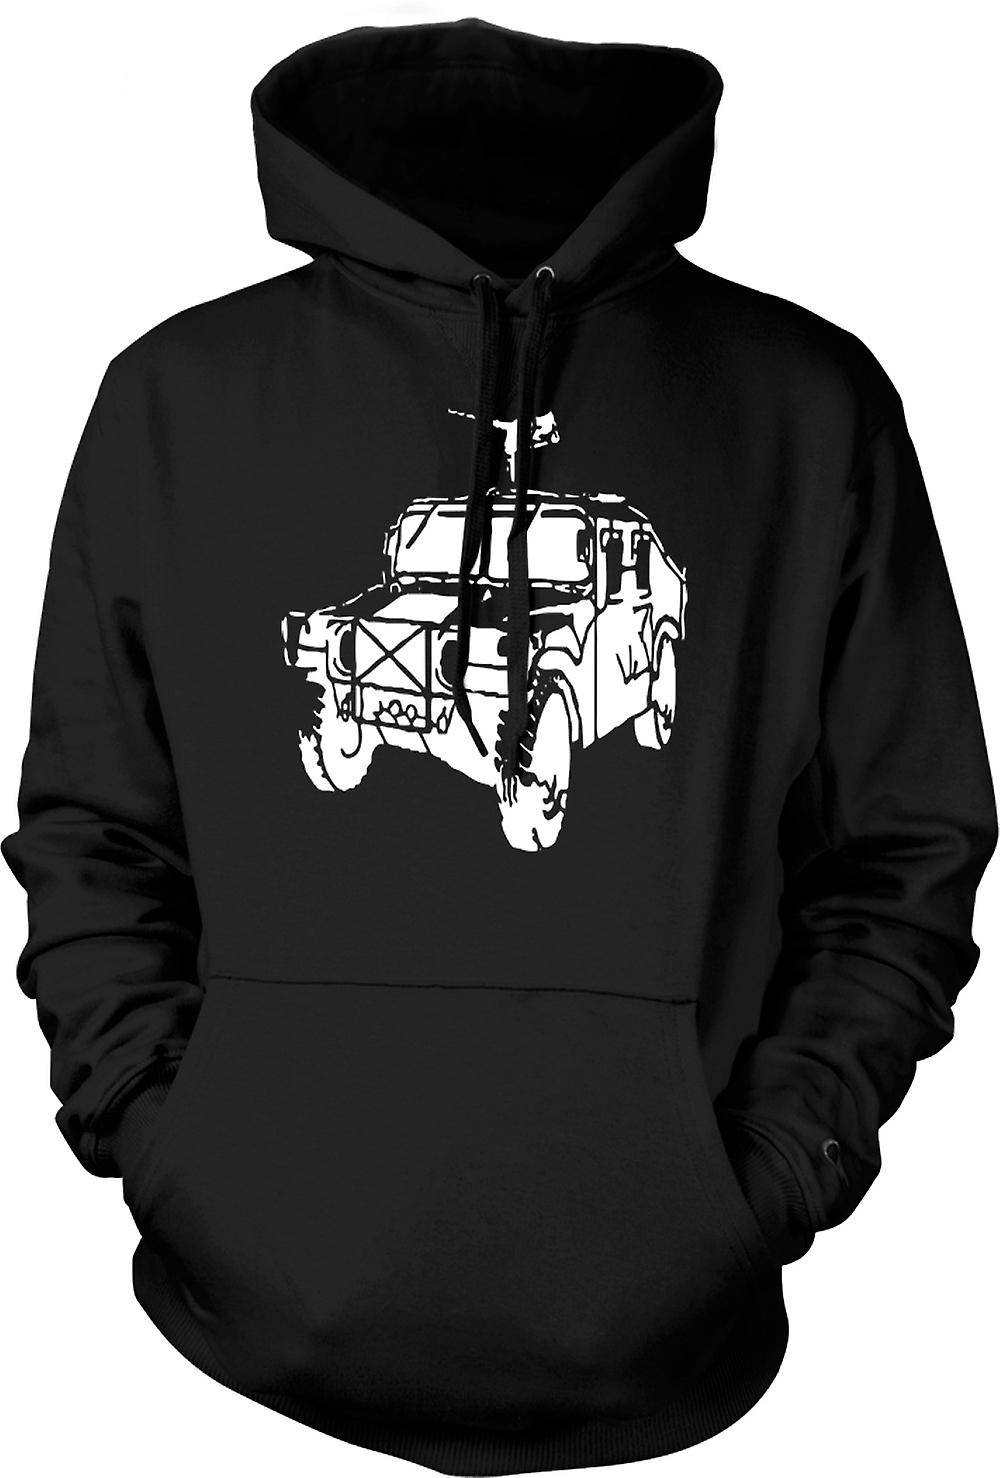 Felpa con cappuccio - esercito americano Humvee per bambini 50 Cal - militare